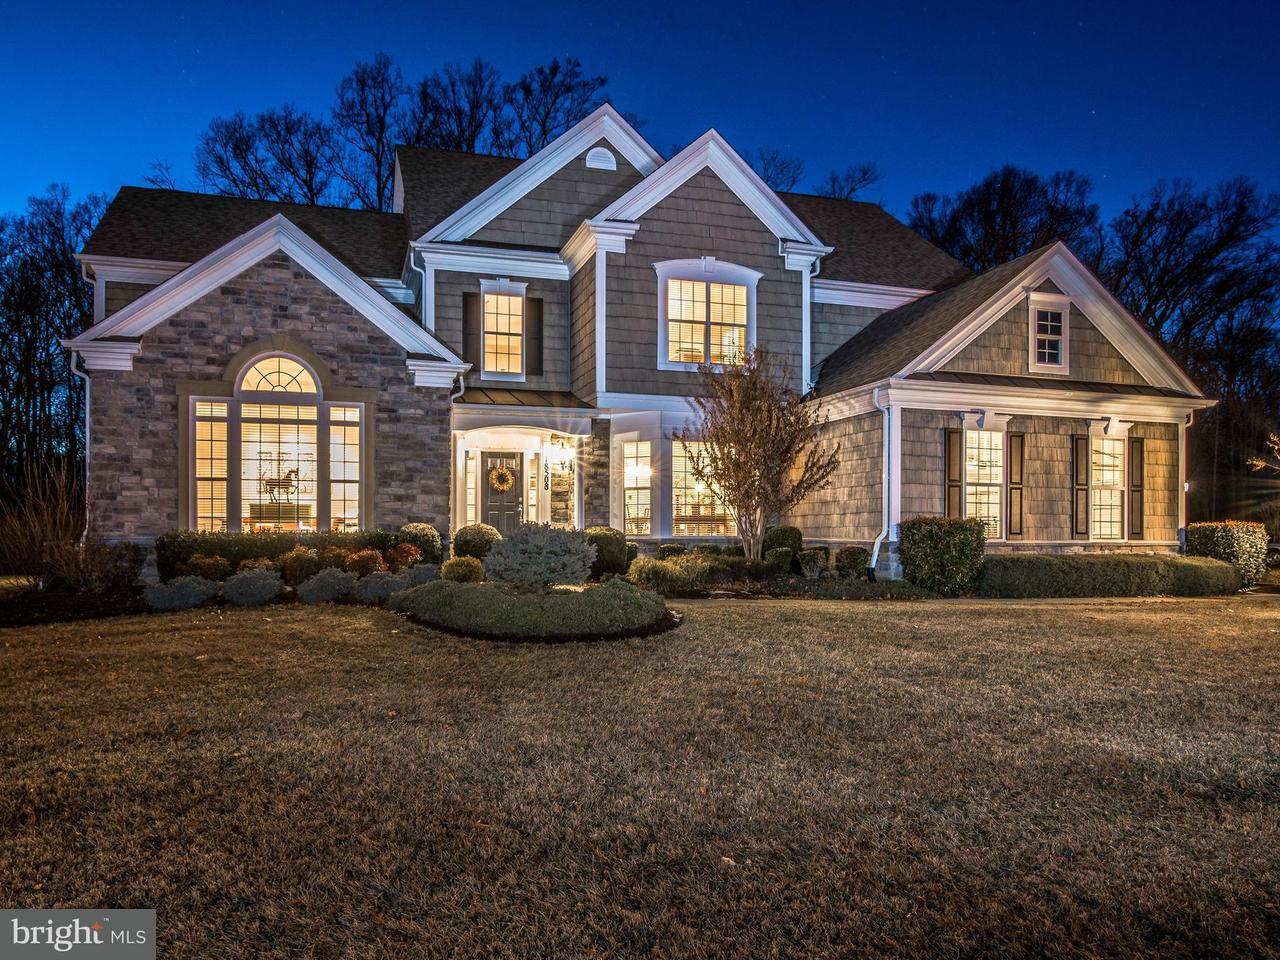 Частный односемейный дом для того Продажа на 18508 Hawkstone Court 18508 Hawkstone Court Olney, Мэриленд 20832 Соединенные Штаты